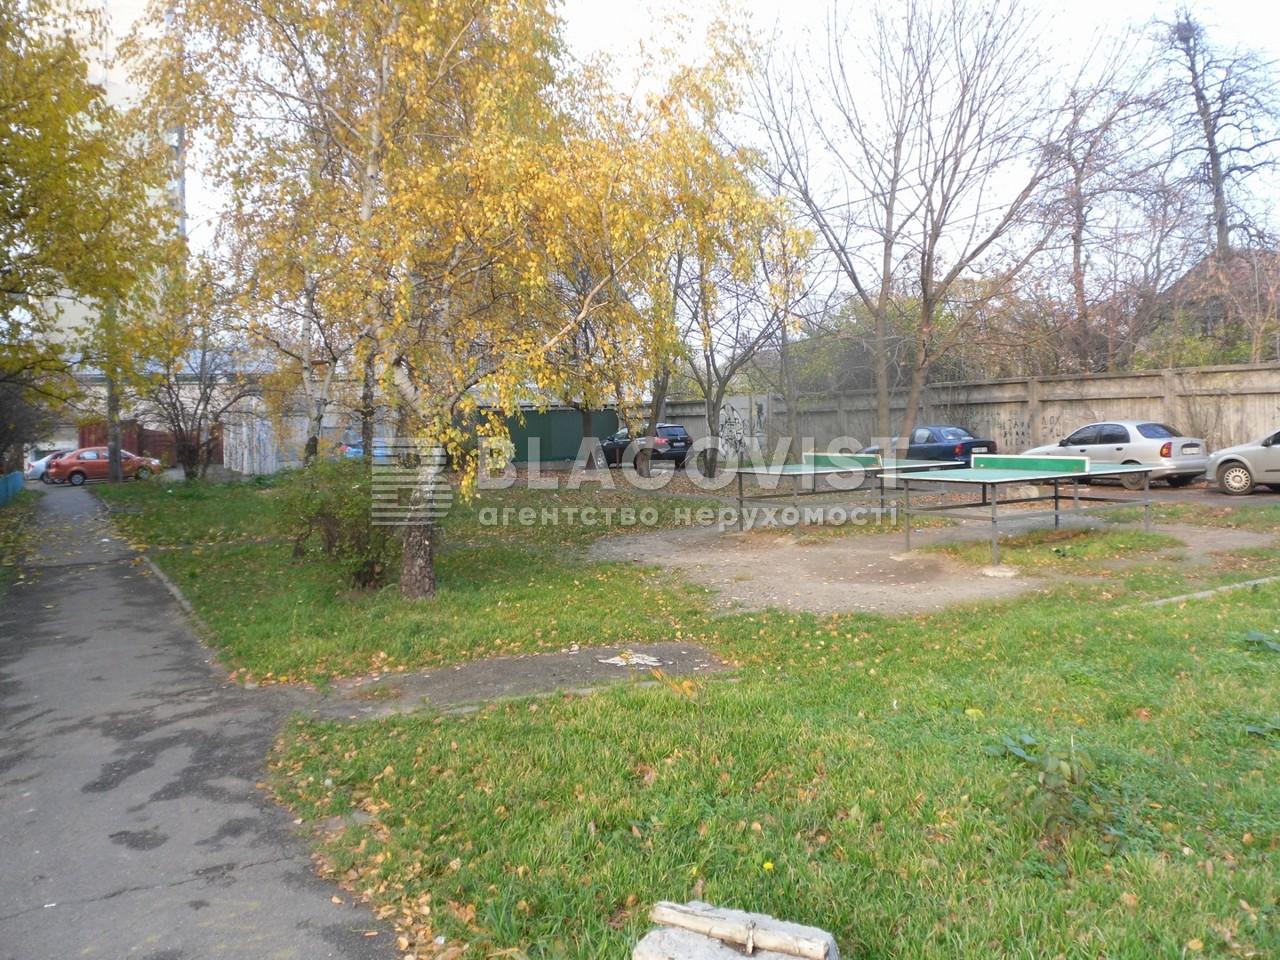 Квартира A-97010, Автозаводская, 71, Киев - Фото 11